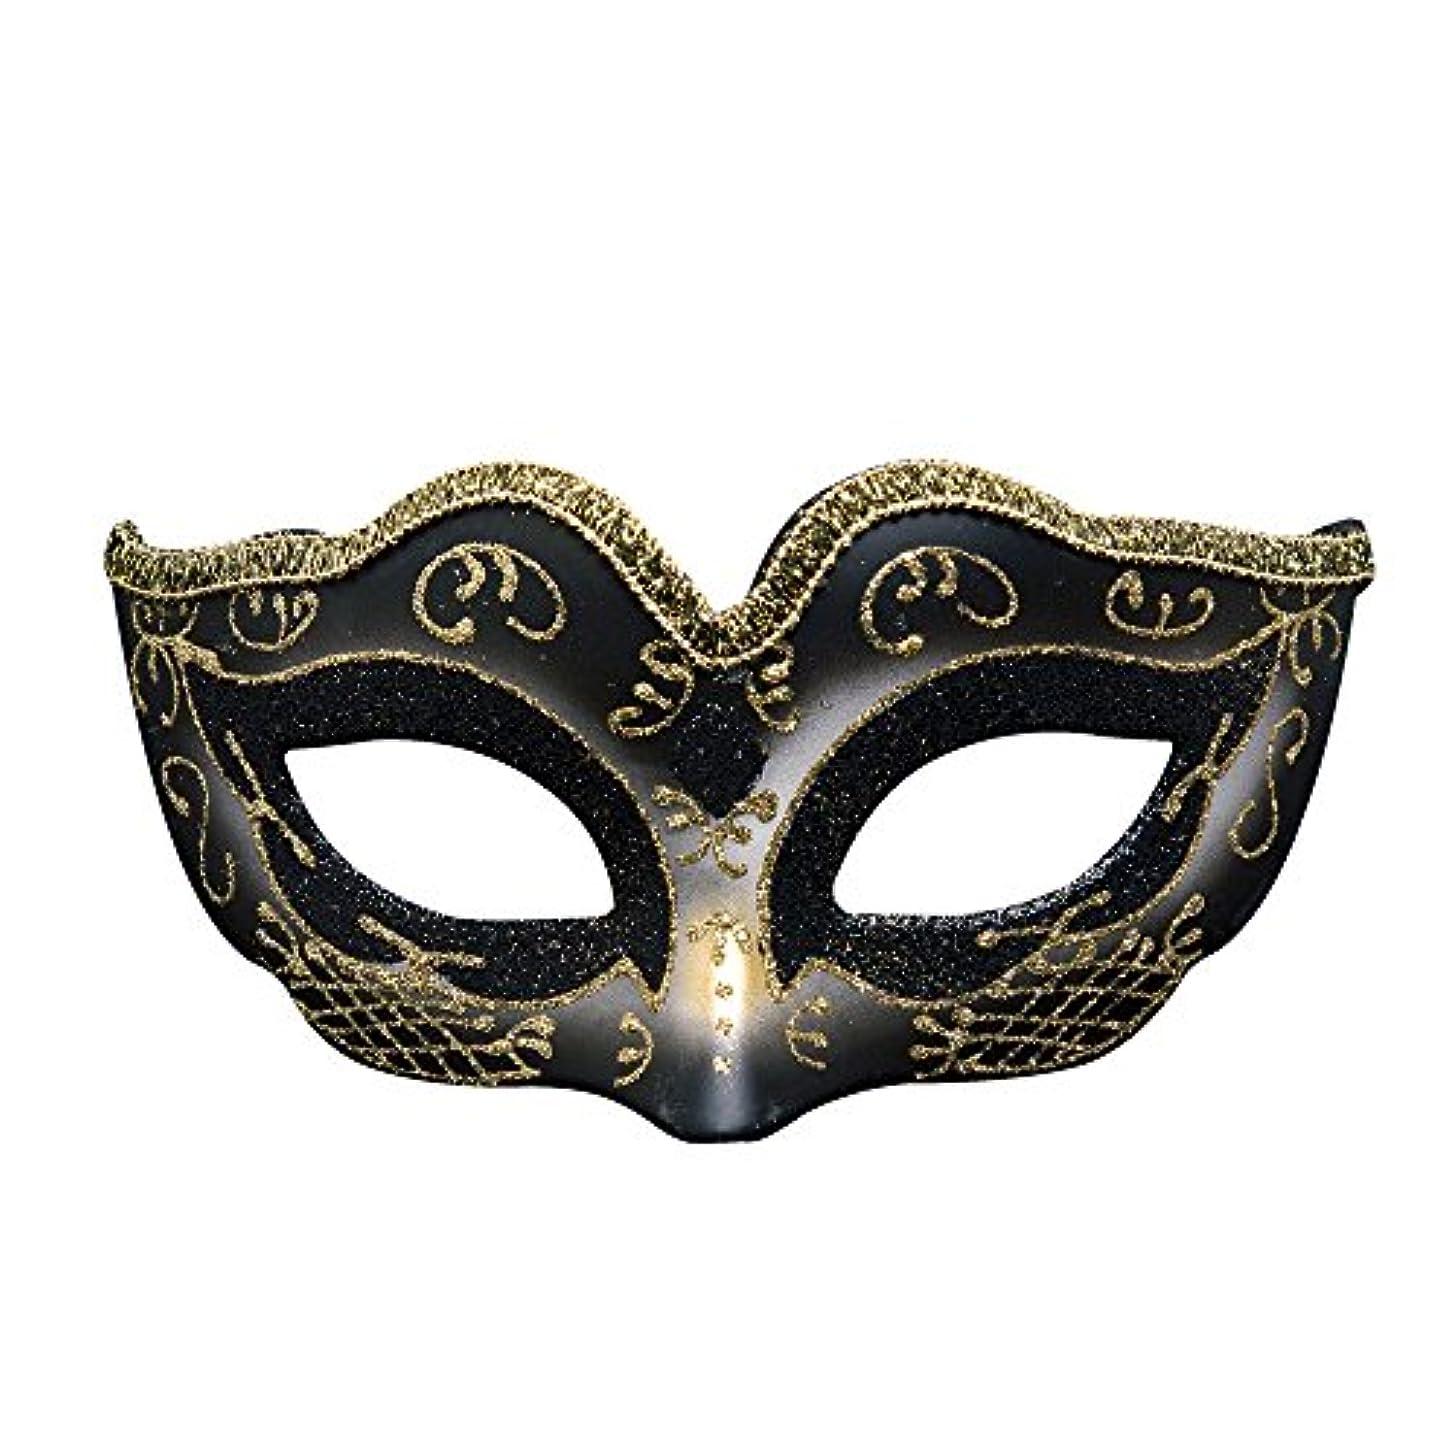 辛な頭マイコンクリエイティブカスタム子供のなりすましパーティーハロウィーンマスククリスマス雰囲気マスク (Color : F)